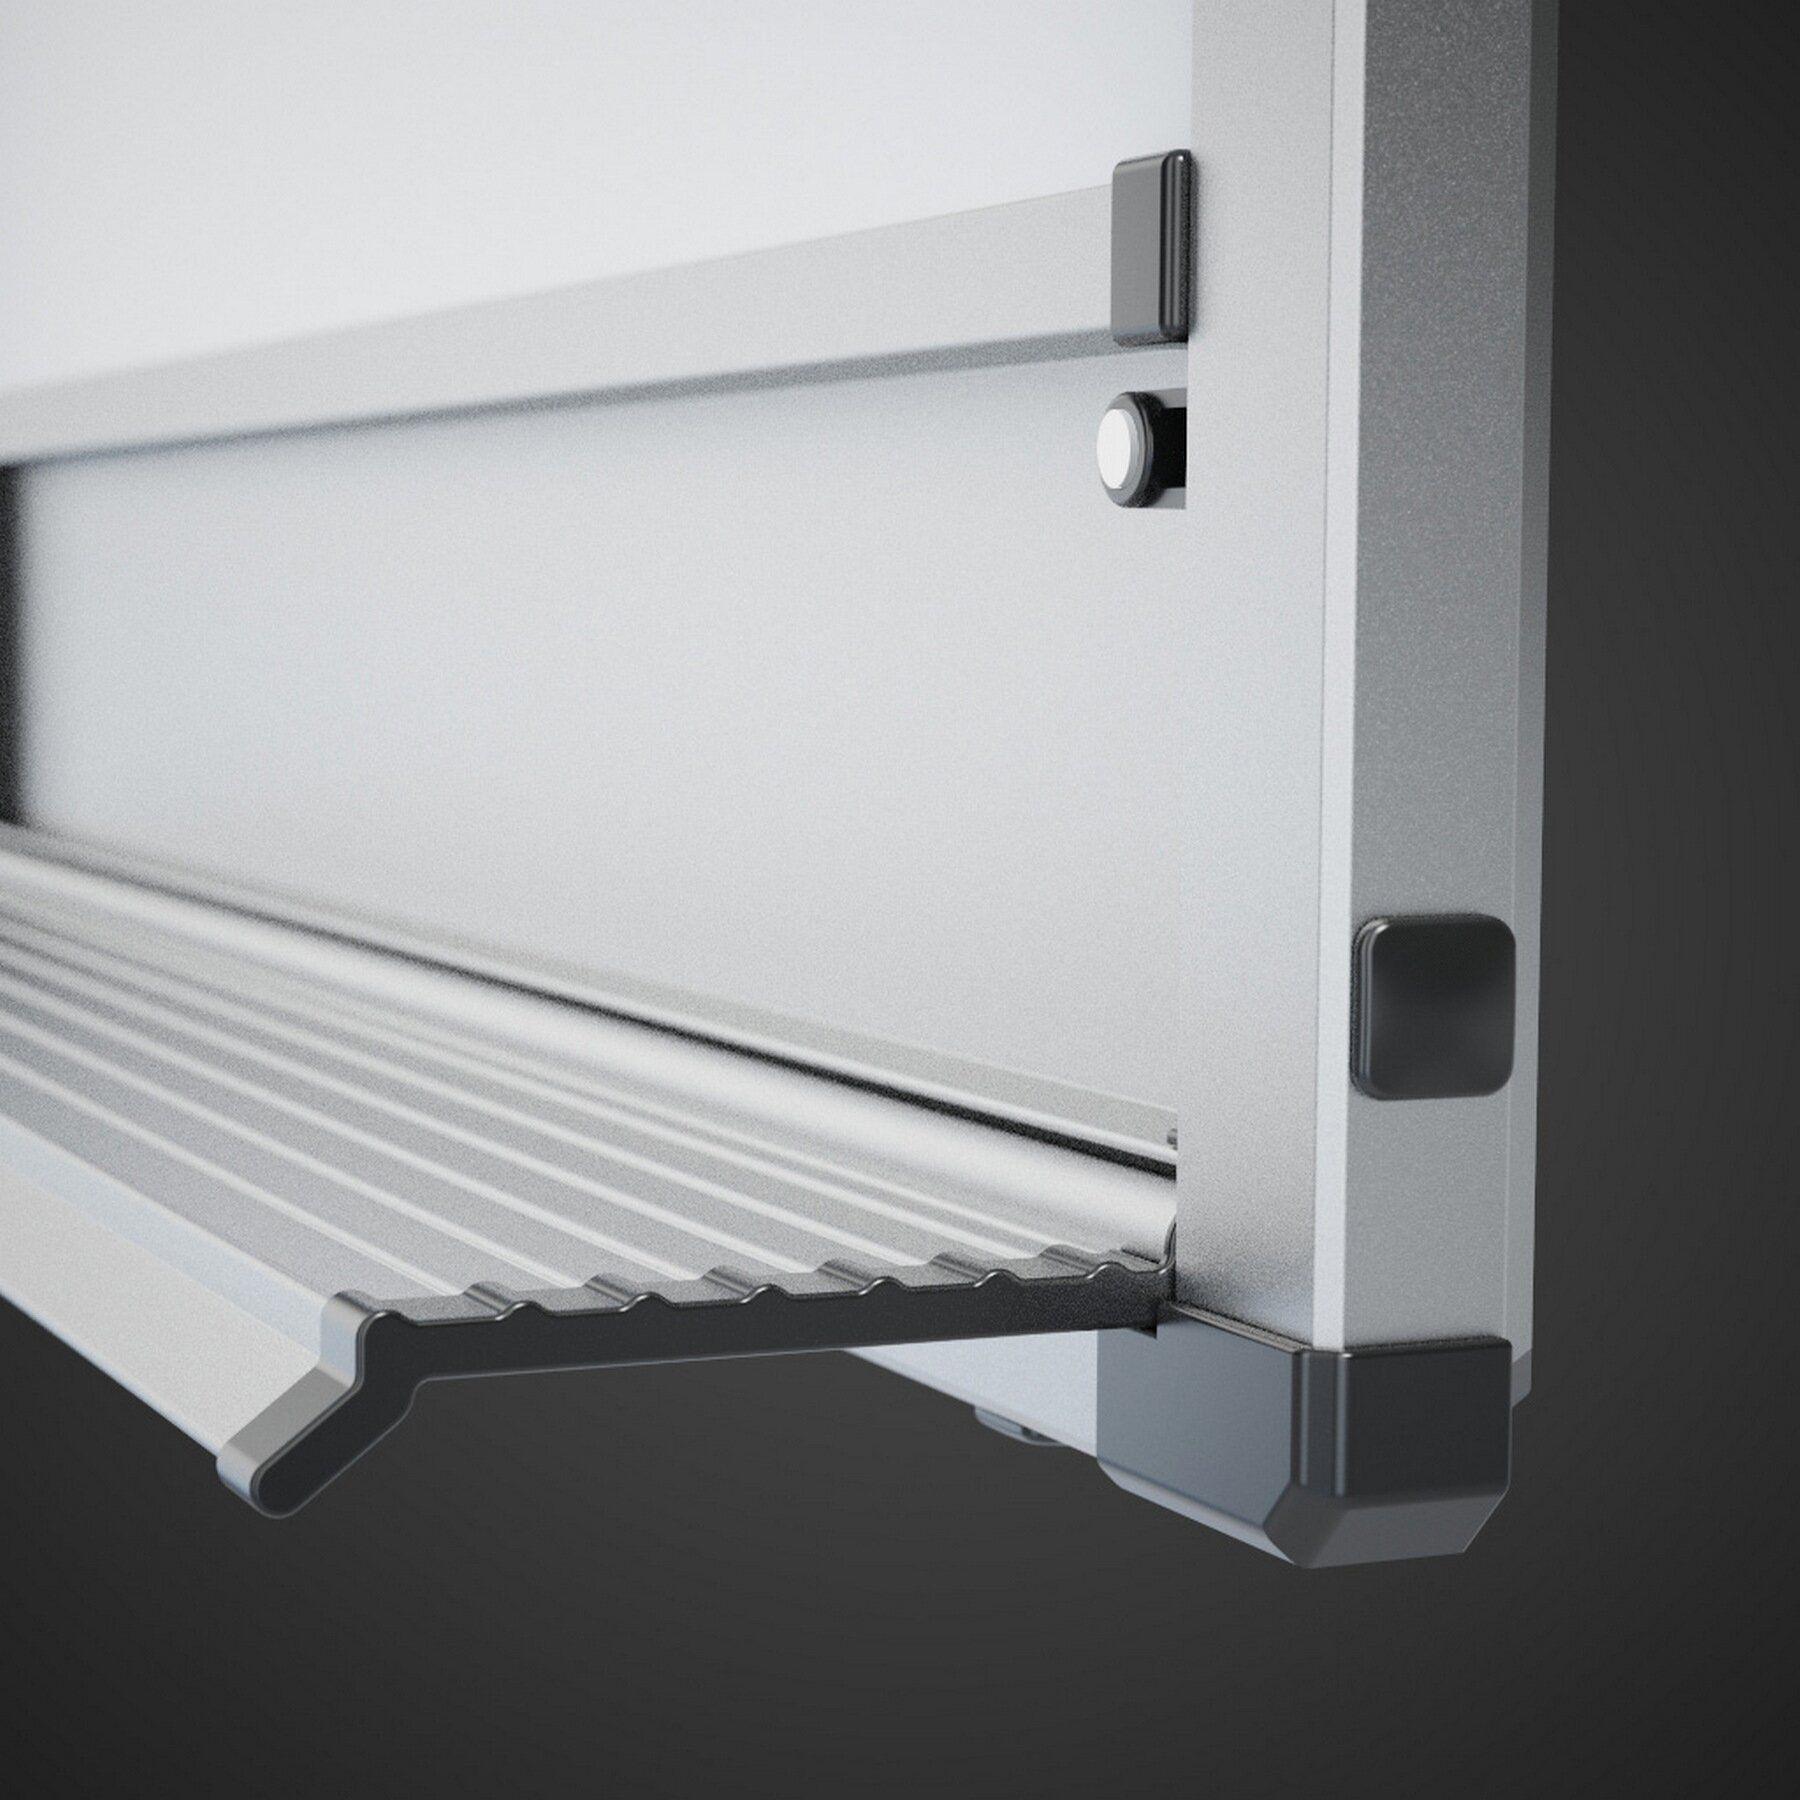 Доска белая магнитная сухостираемая StarBoard 90*120см., алюминиевая рамка, лак 2x3 - фото 2